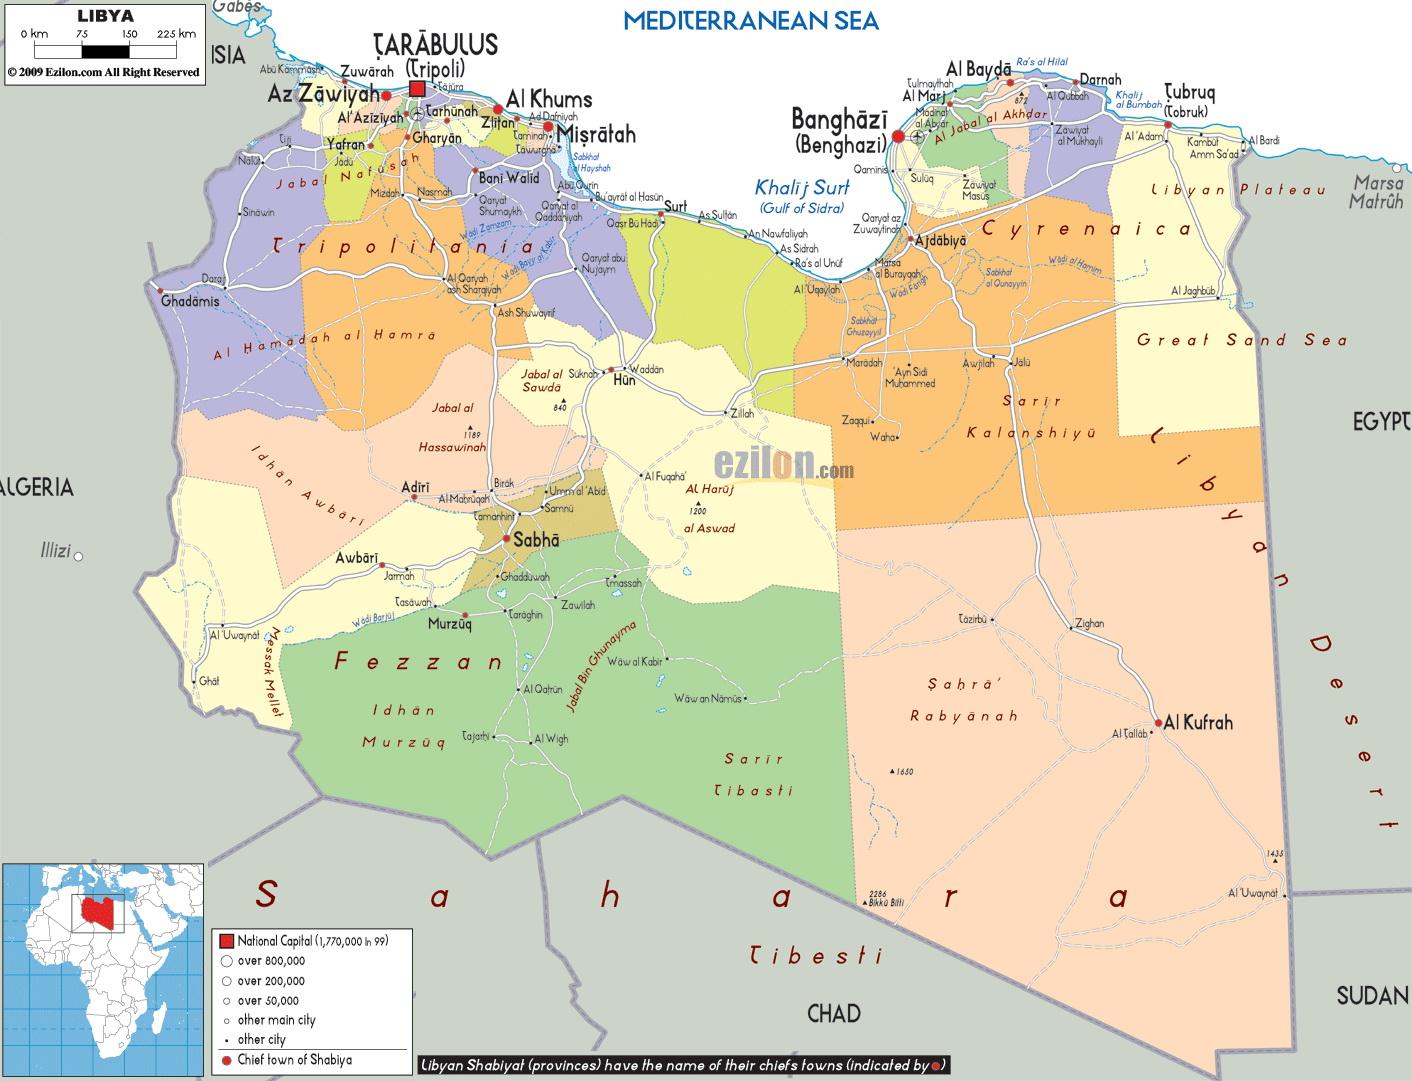 แผนที่ประเทศลิเบีย  Libya Map